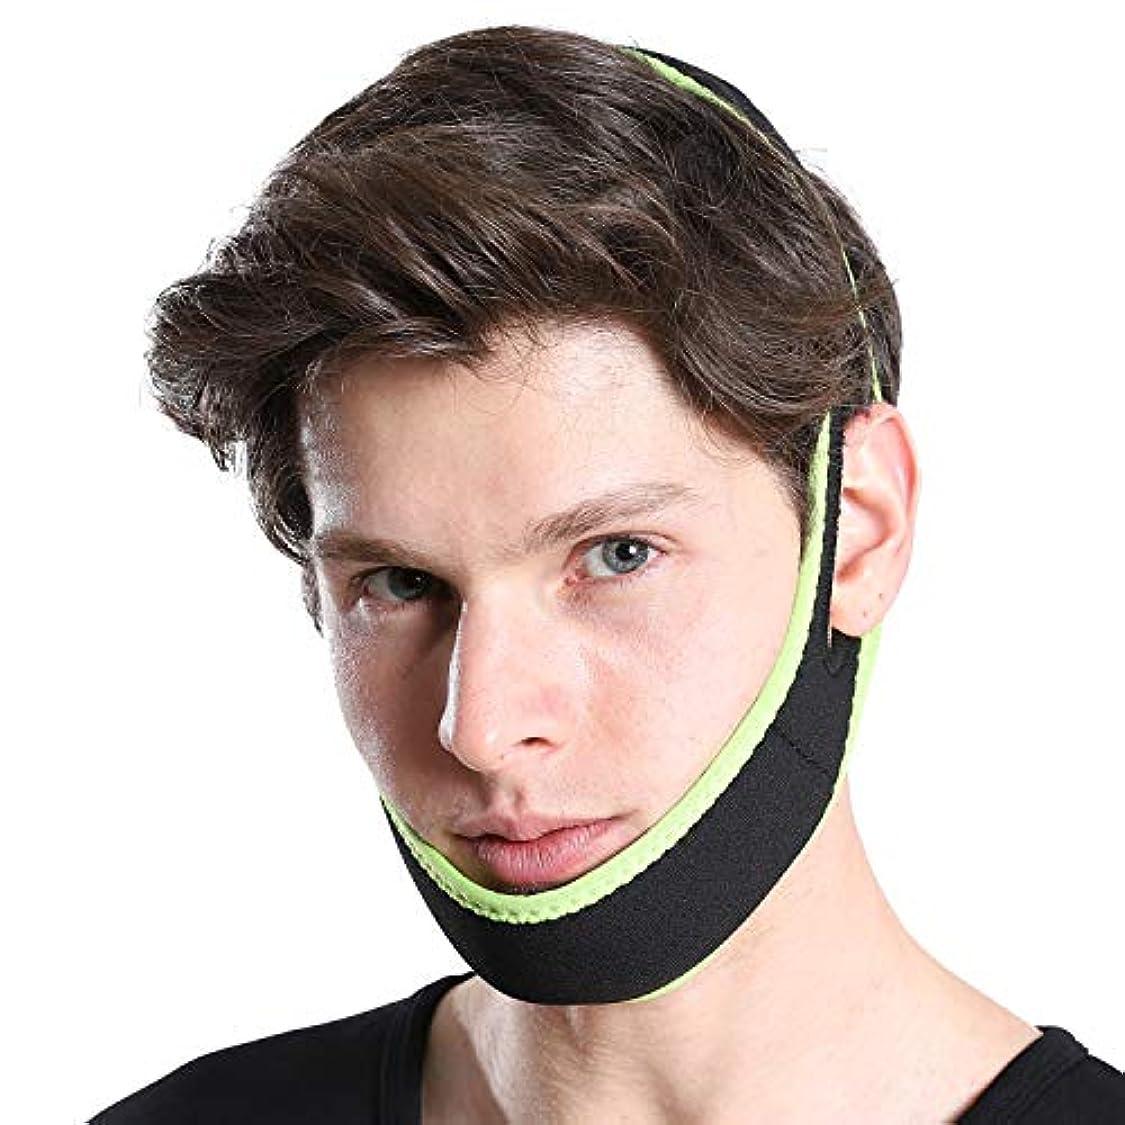 解説要求する札入れELPIRKA 小顔マスク メンズ ゲルマニウムチタン 配合で 顔痩せ 小顔 リフトアップ!